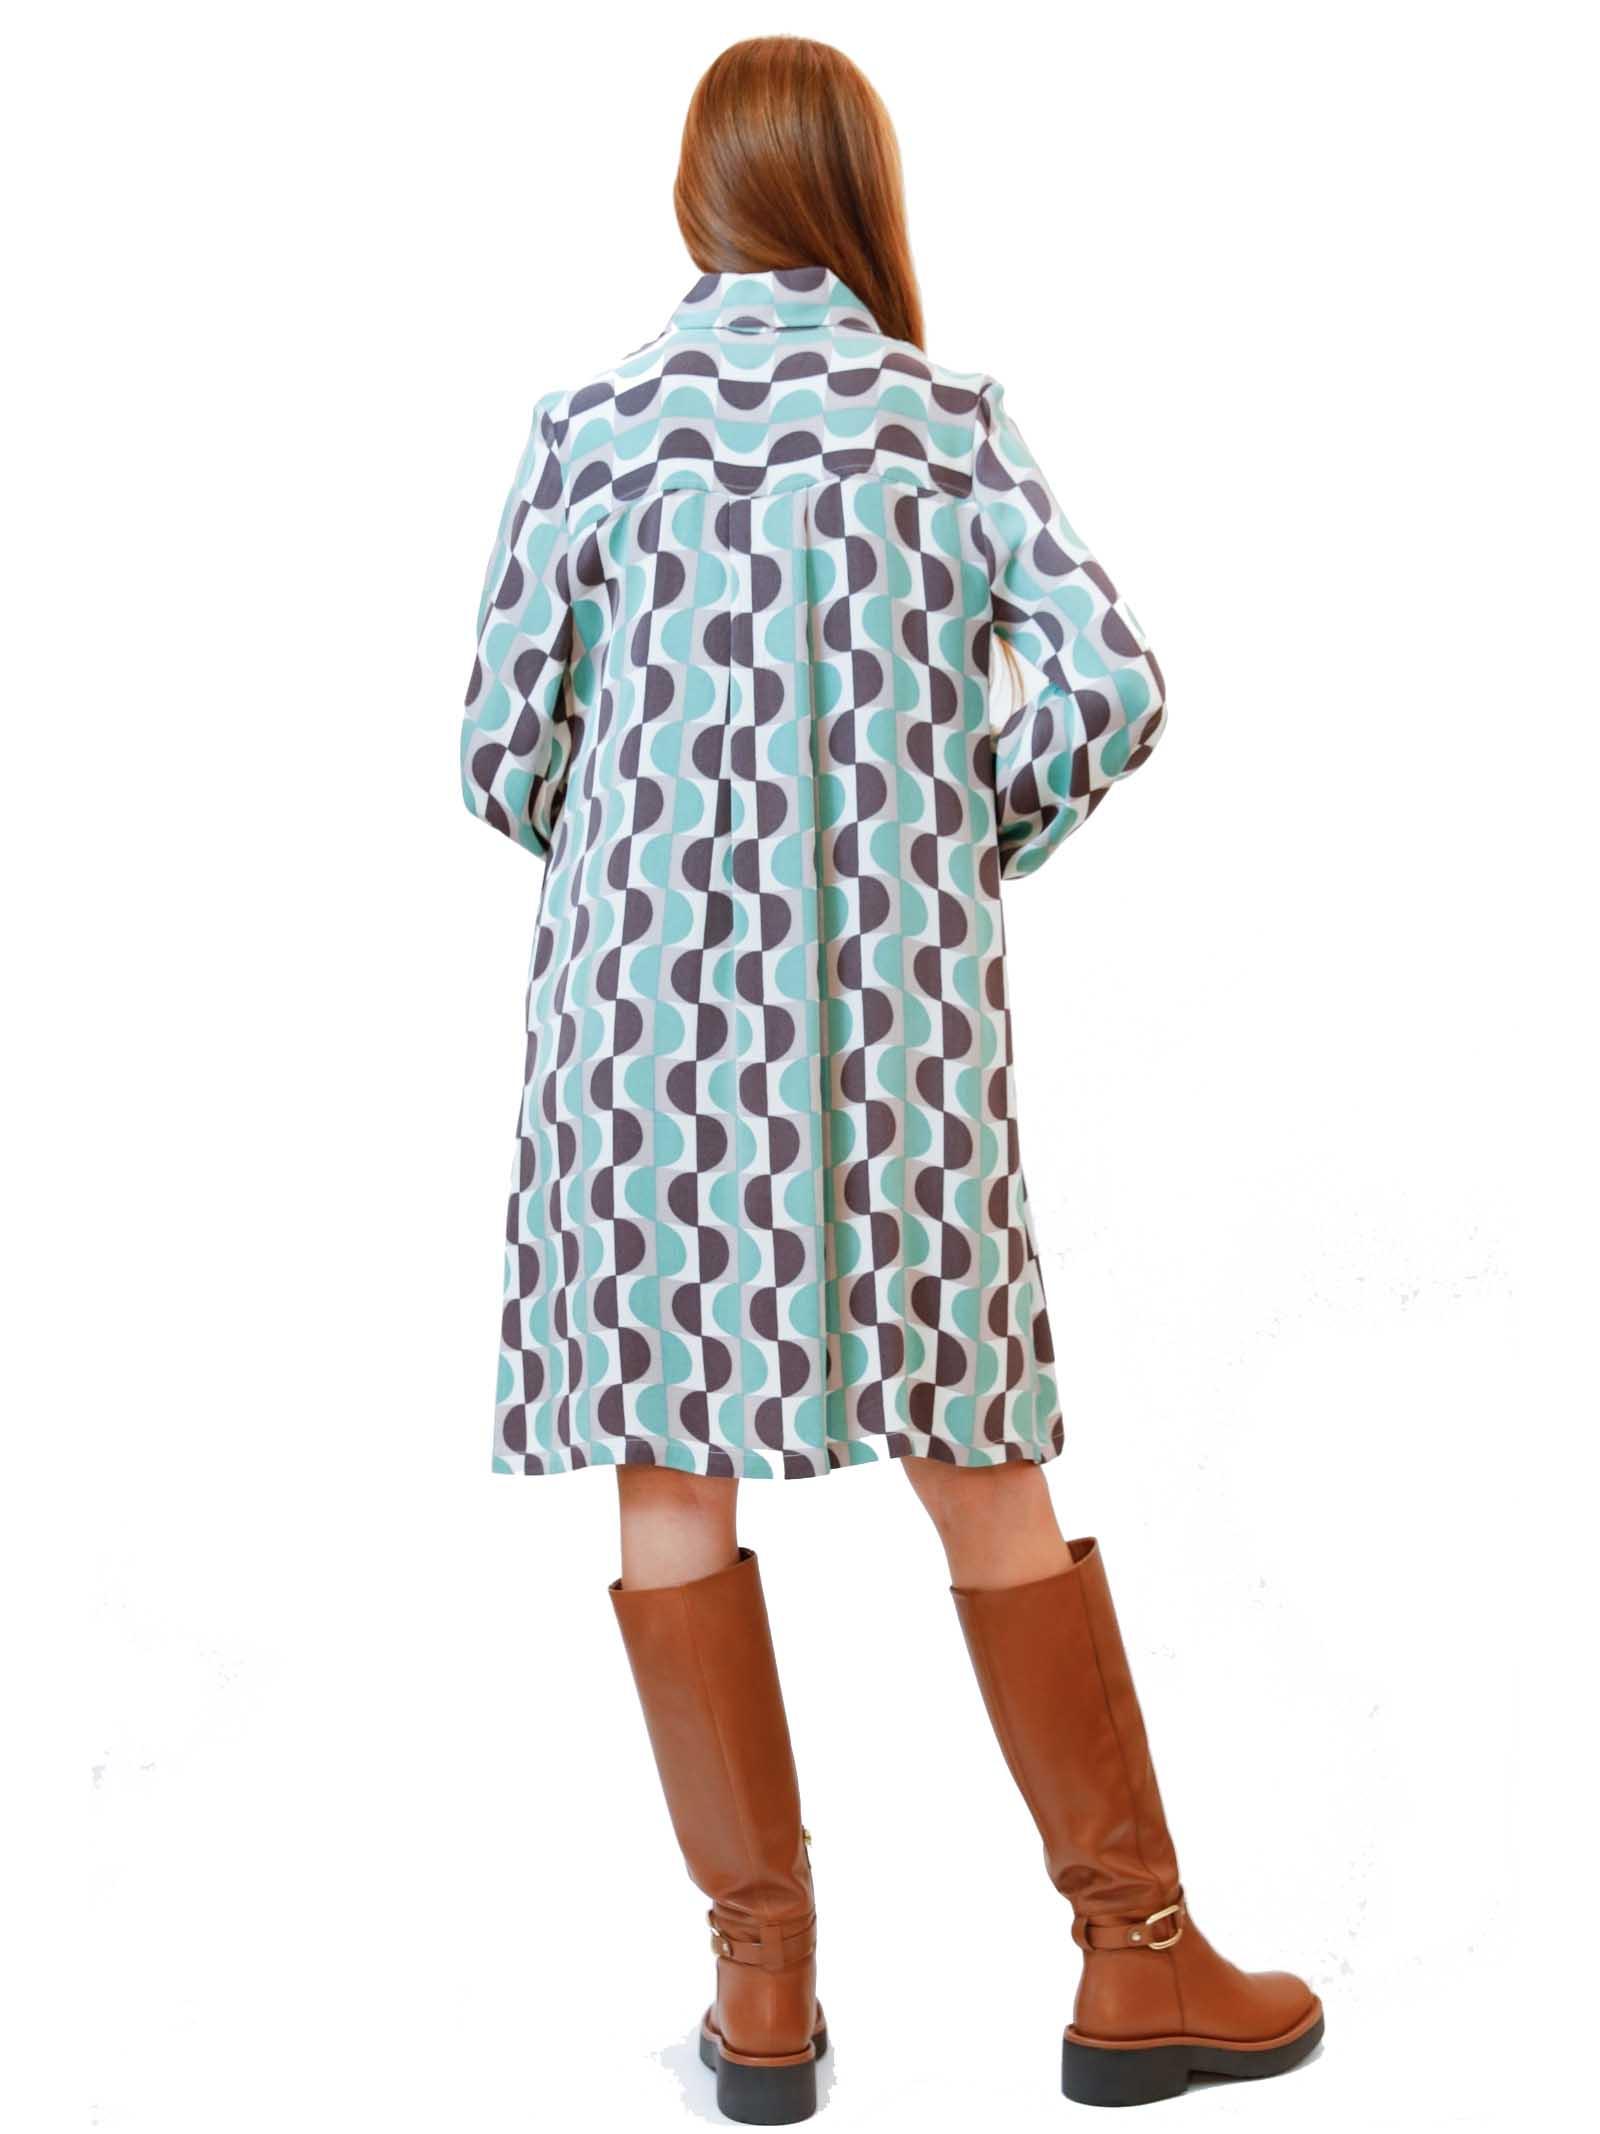 Abbigliamento Donna Abito Roundground in Sablè Verde a Fantasia e Bottoni in Madreperla Maliparmi | Abiti | JF646650568C6040